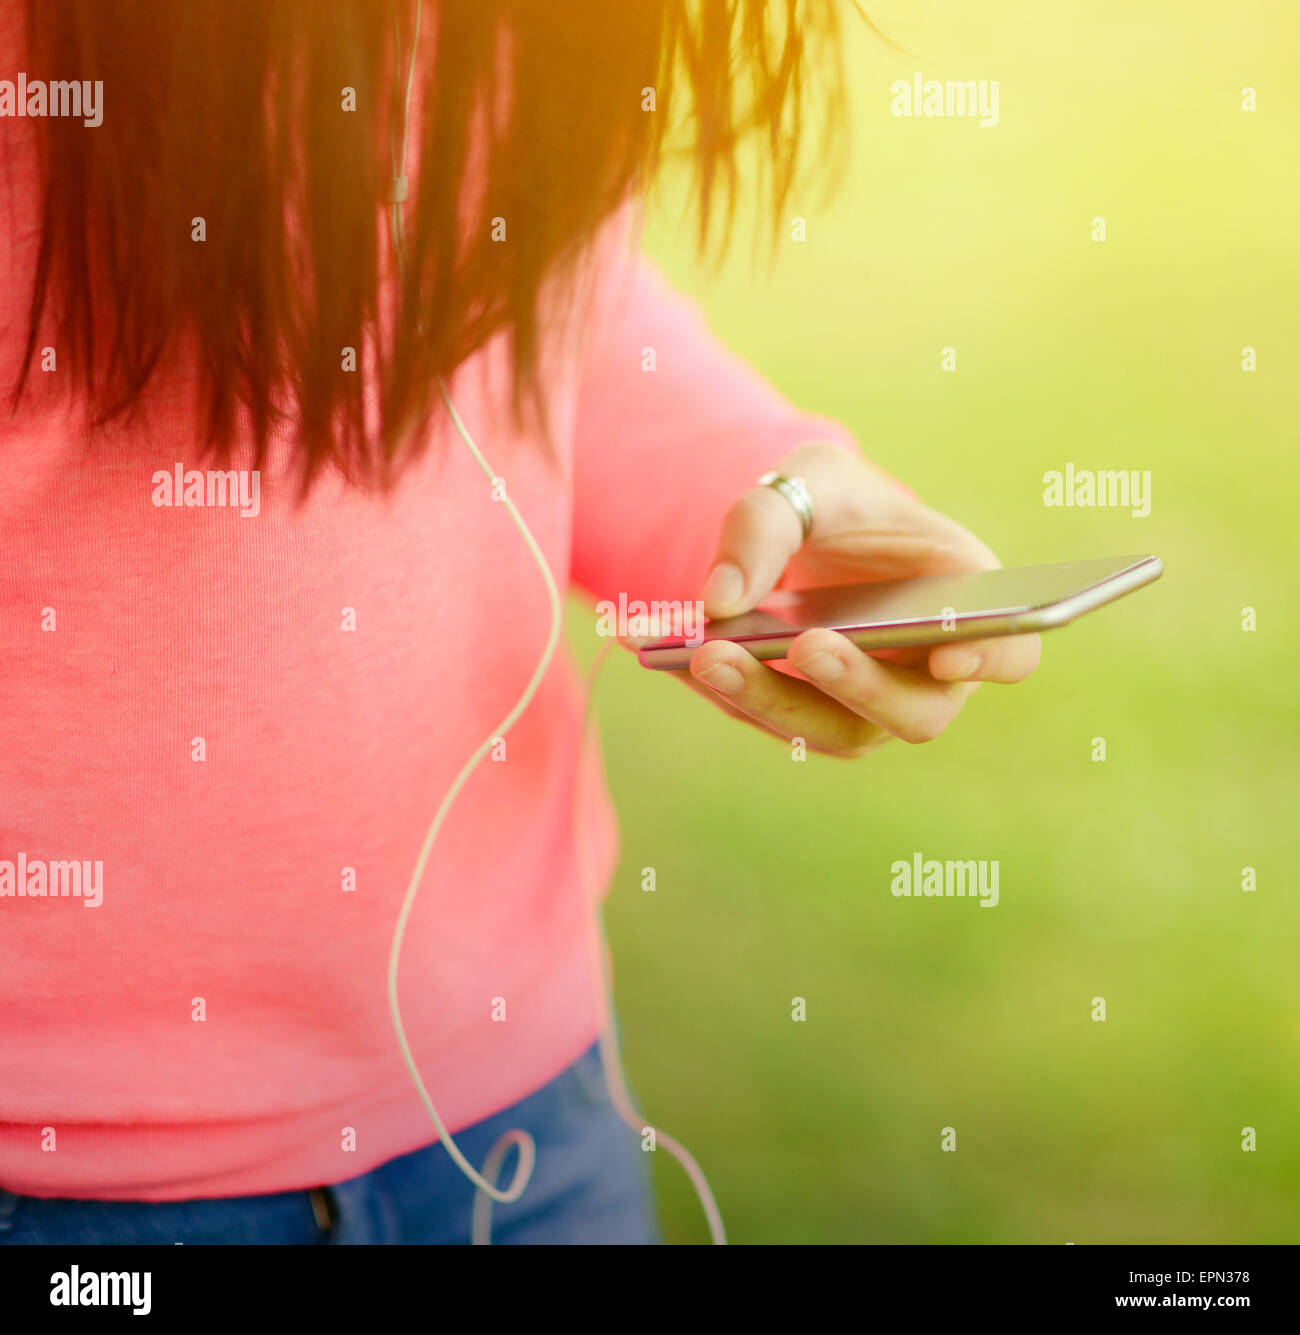 Ragazze Mani Tenendo Il Telefono Cellulare Mentre Ascolti La Musica